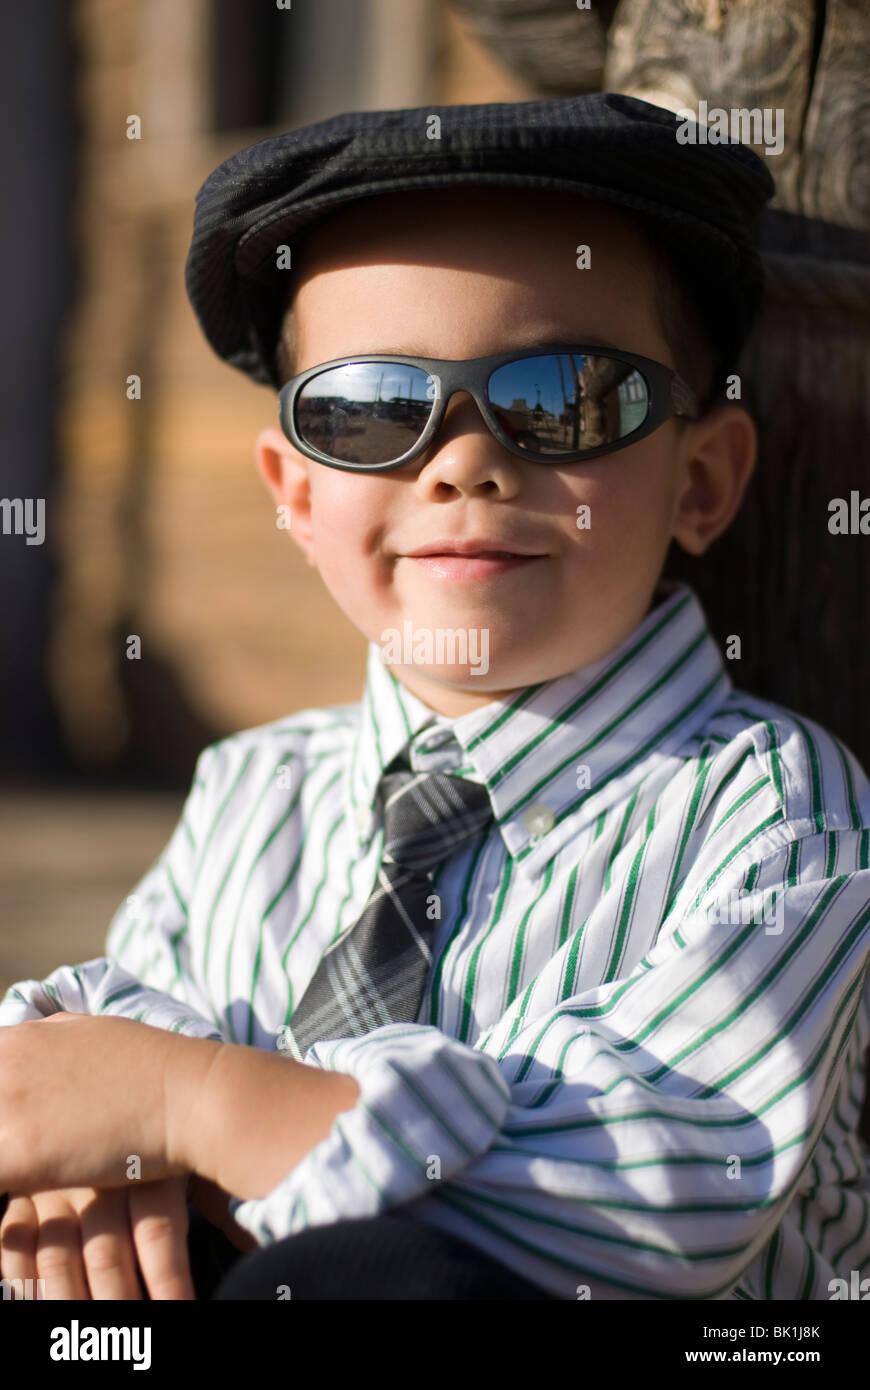 Un simpatico 2-4 anni di razza mista ragazzo che indossa un cappello e  occhiali da sole(rilasciato) 80669b147b06